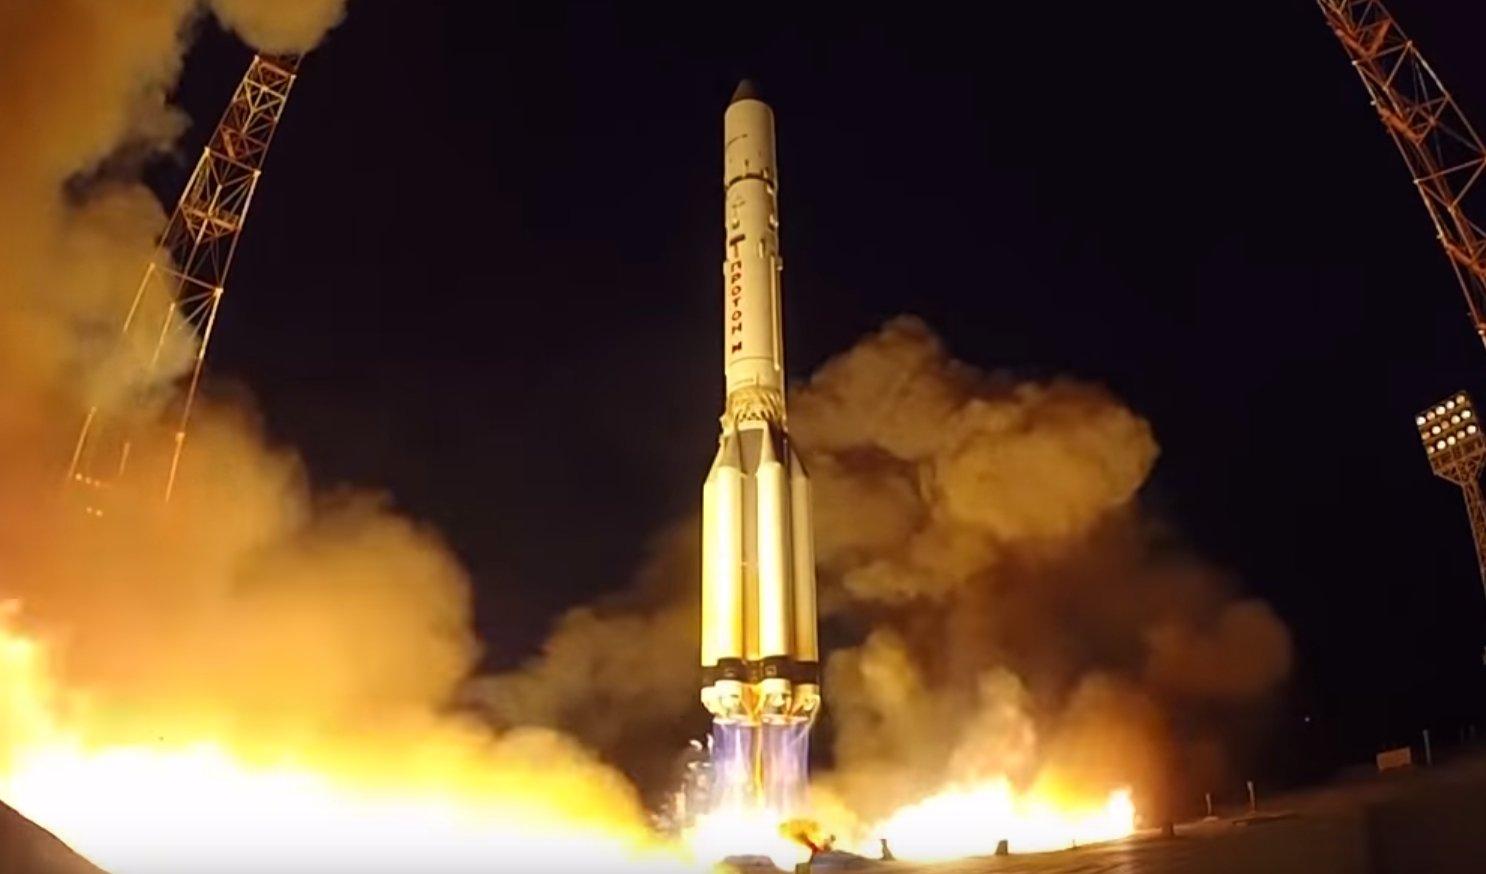 Ракета-носитель Протон-М успешно вывела на орбиту испанский спутник связи